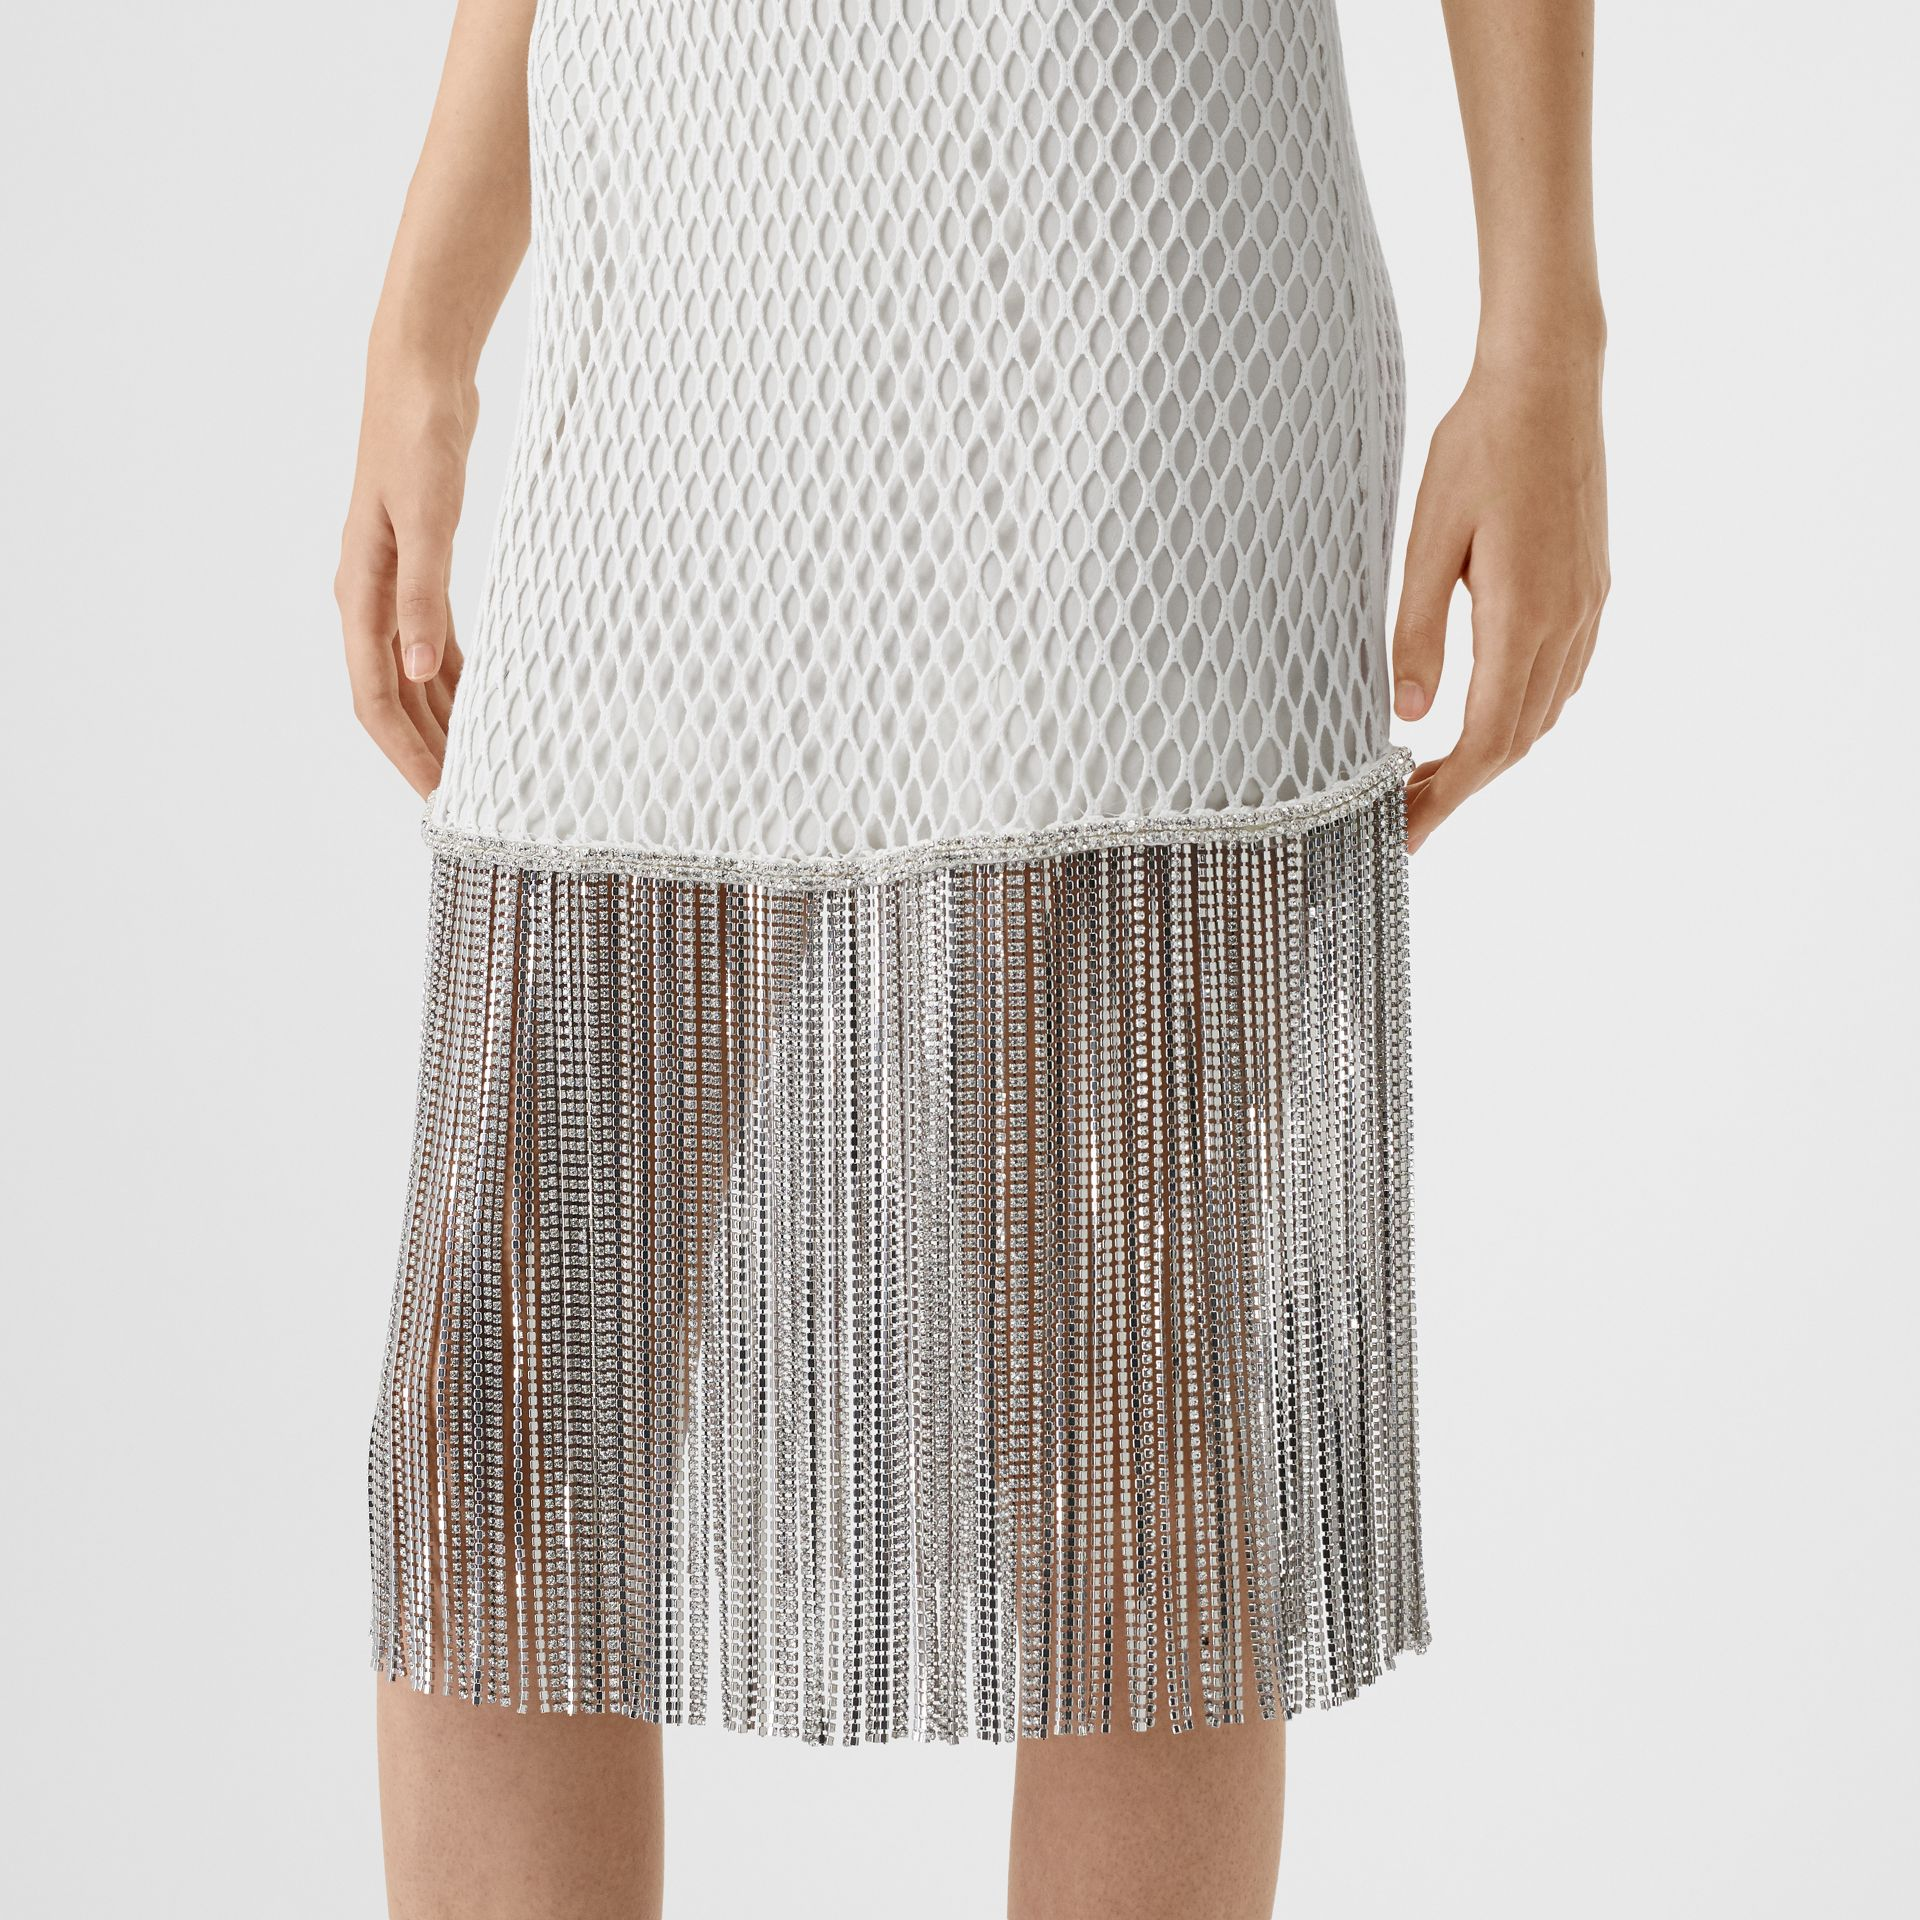 Vestido en malla de algodón con flecos de cristales (Blanco) - Mujer | Burberry - imagen de la galería 4